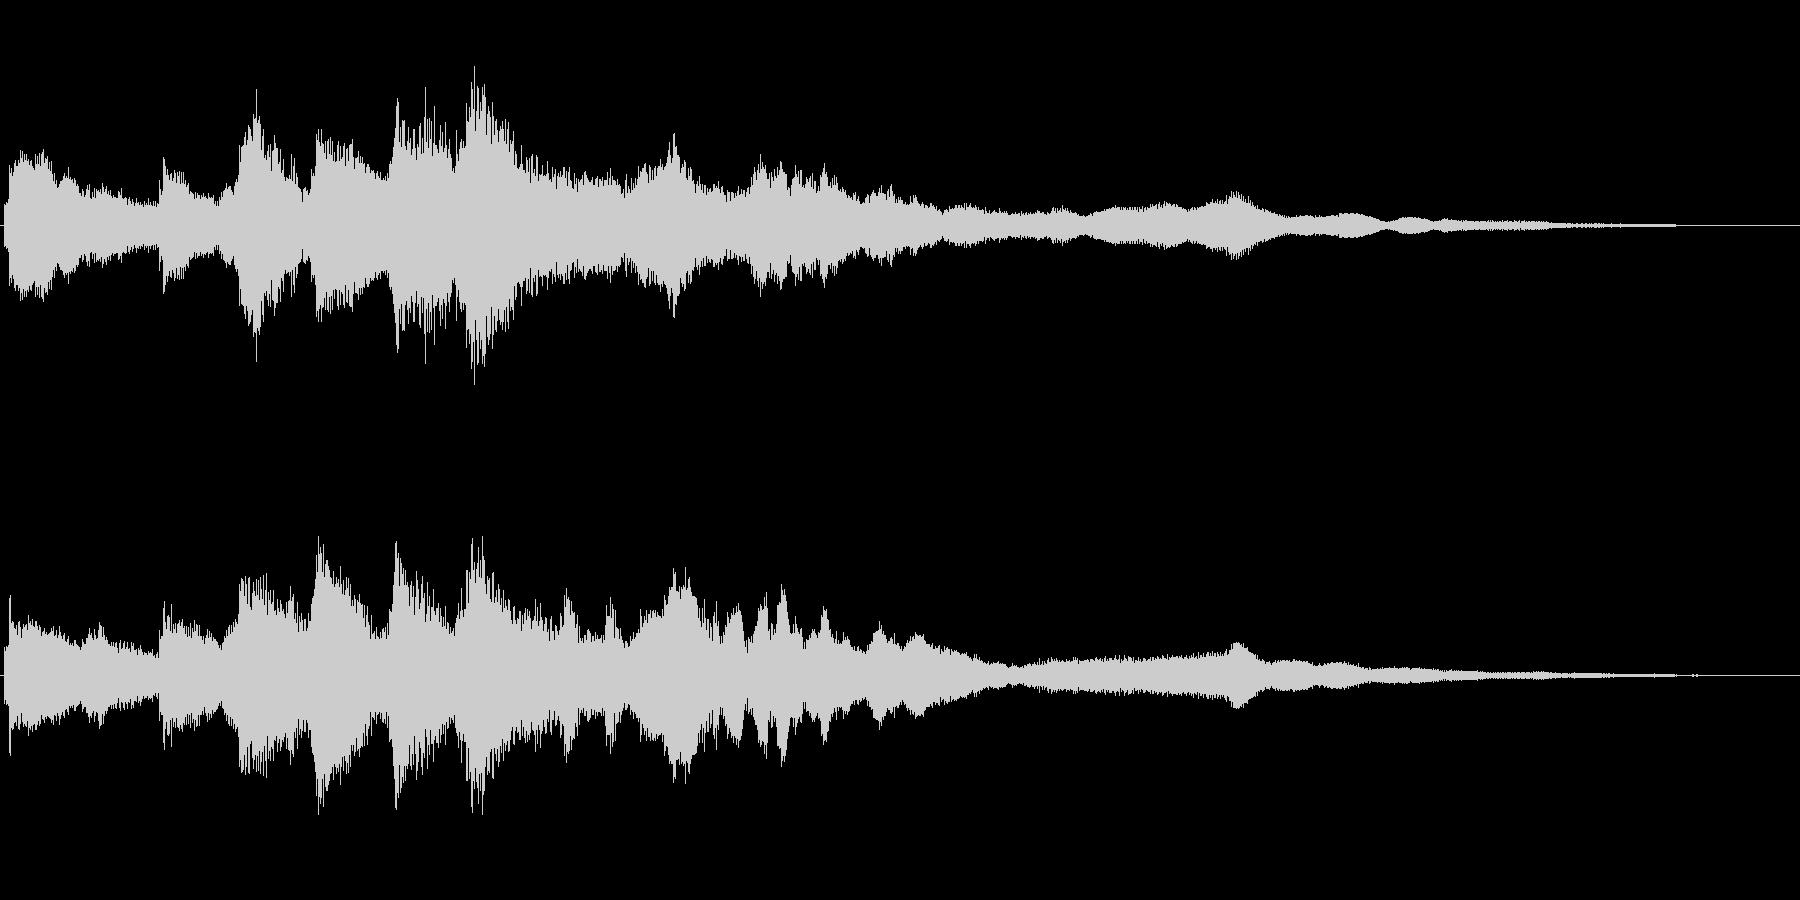 ベルのアイキャッチ音 謎めいた雰囲気の未再生の波形